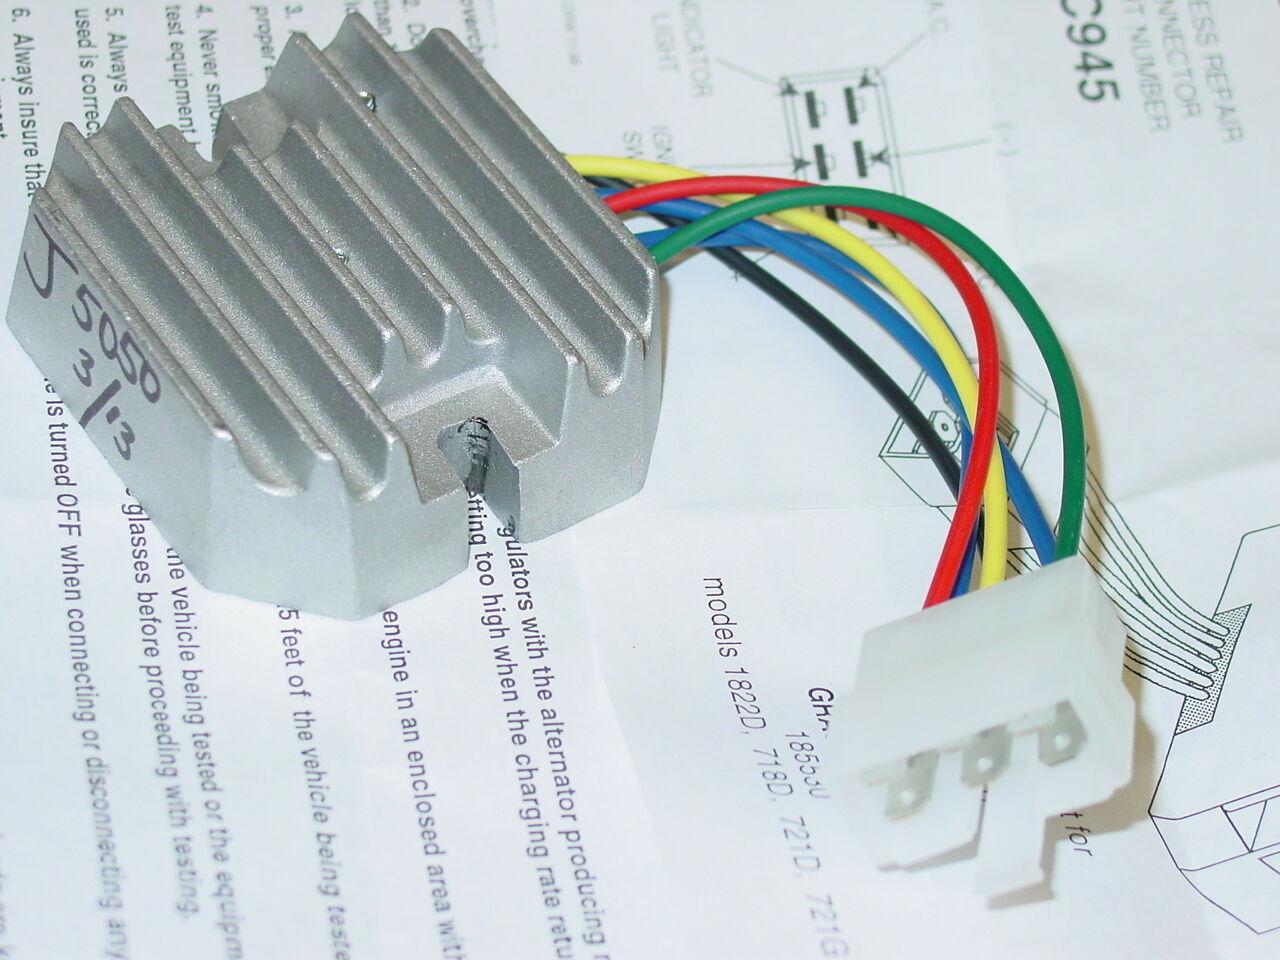 Regulator Rectifier Kubota Grasshopper Rs5101 Rs5155 J5050 | eBay